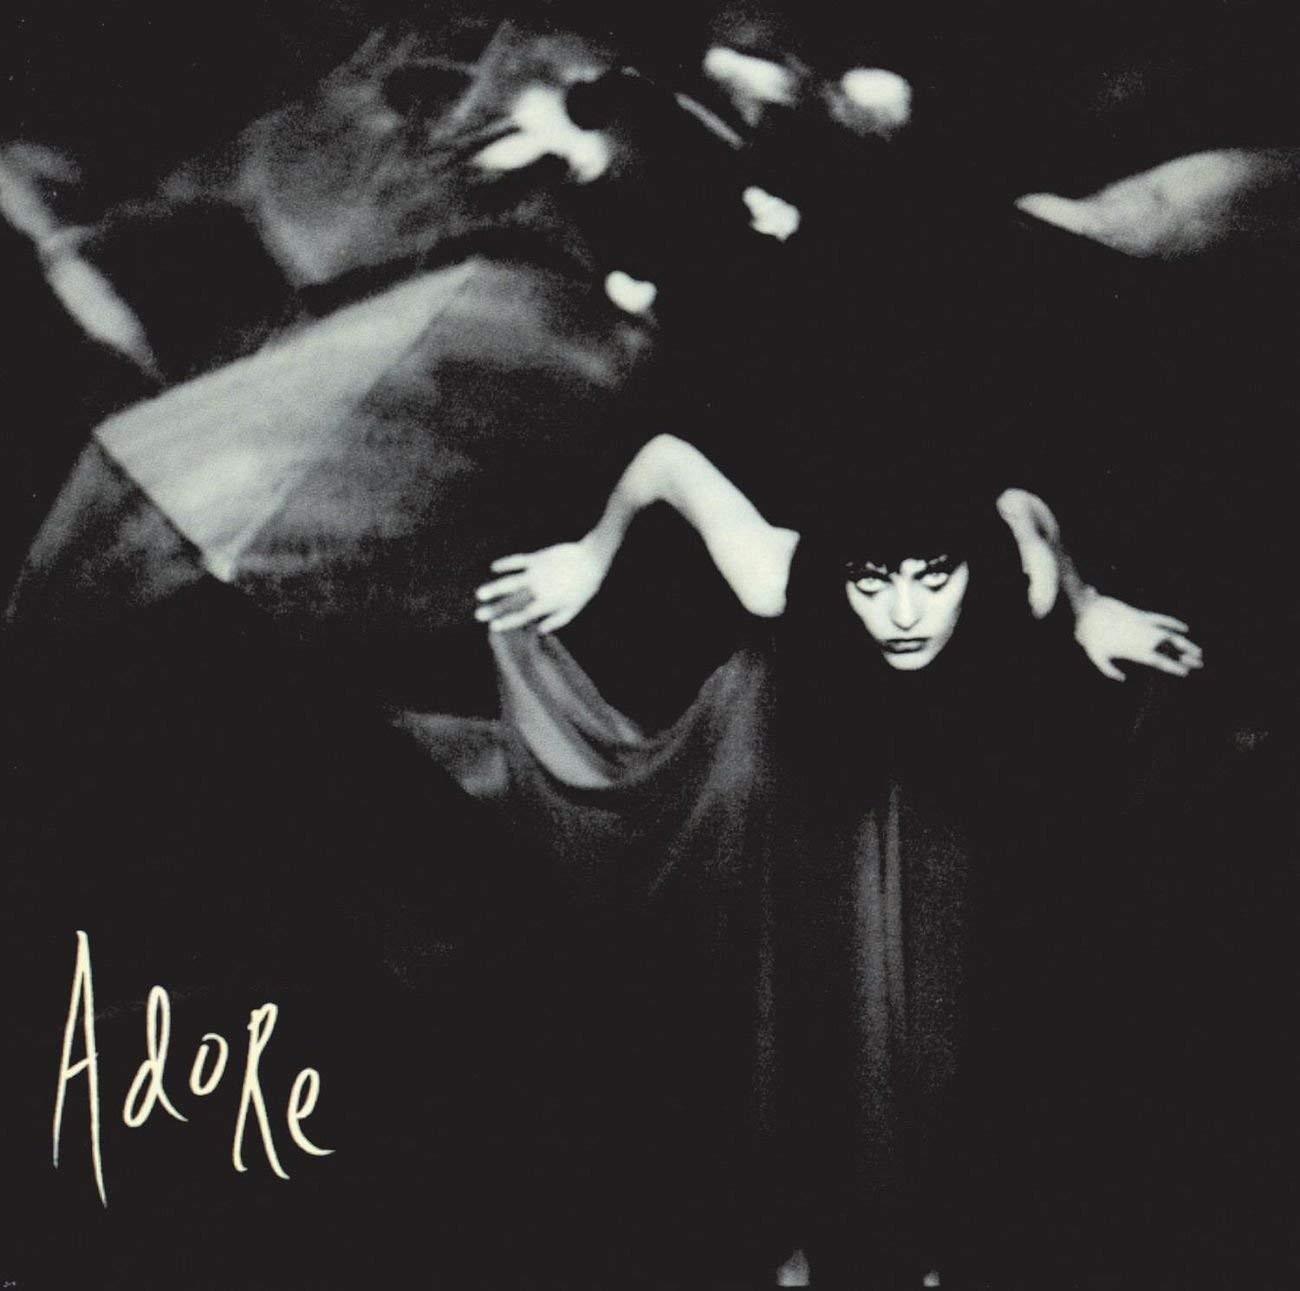 smashing-pumpkins-adore-1540402909